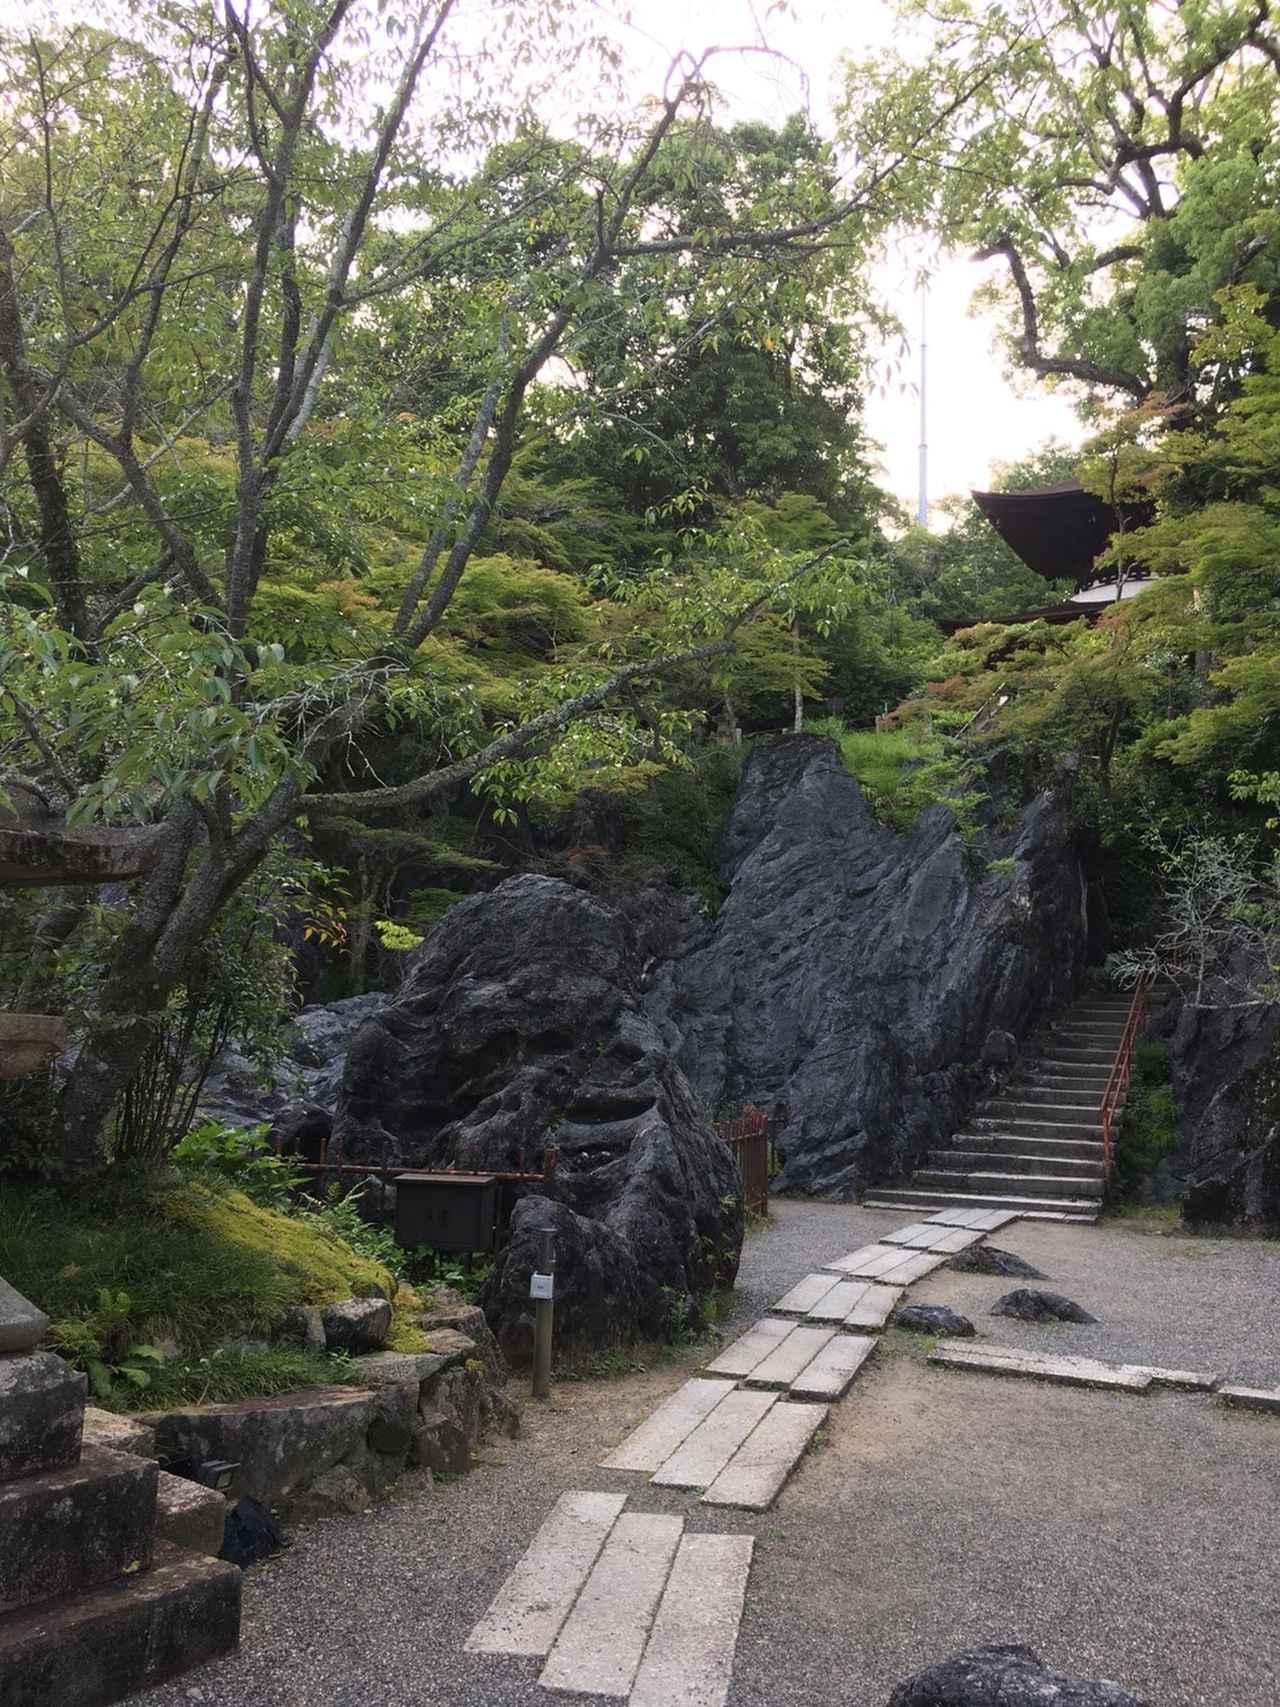 画像: これが天然記念物に指定されている「珪灰石(けいかいせき)」。 石山寺の名前の由来となっています